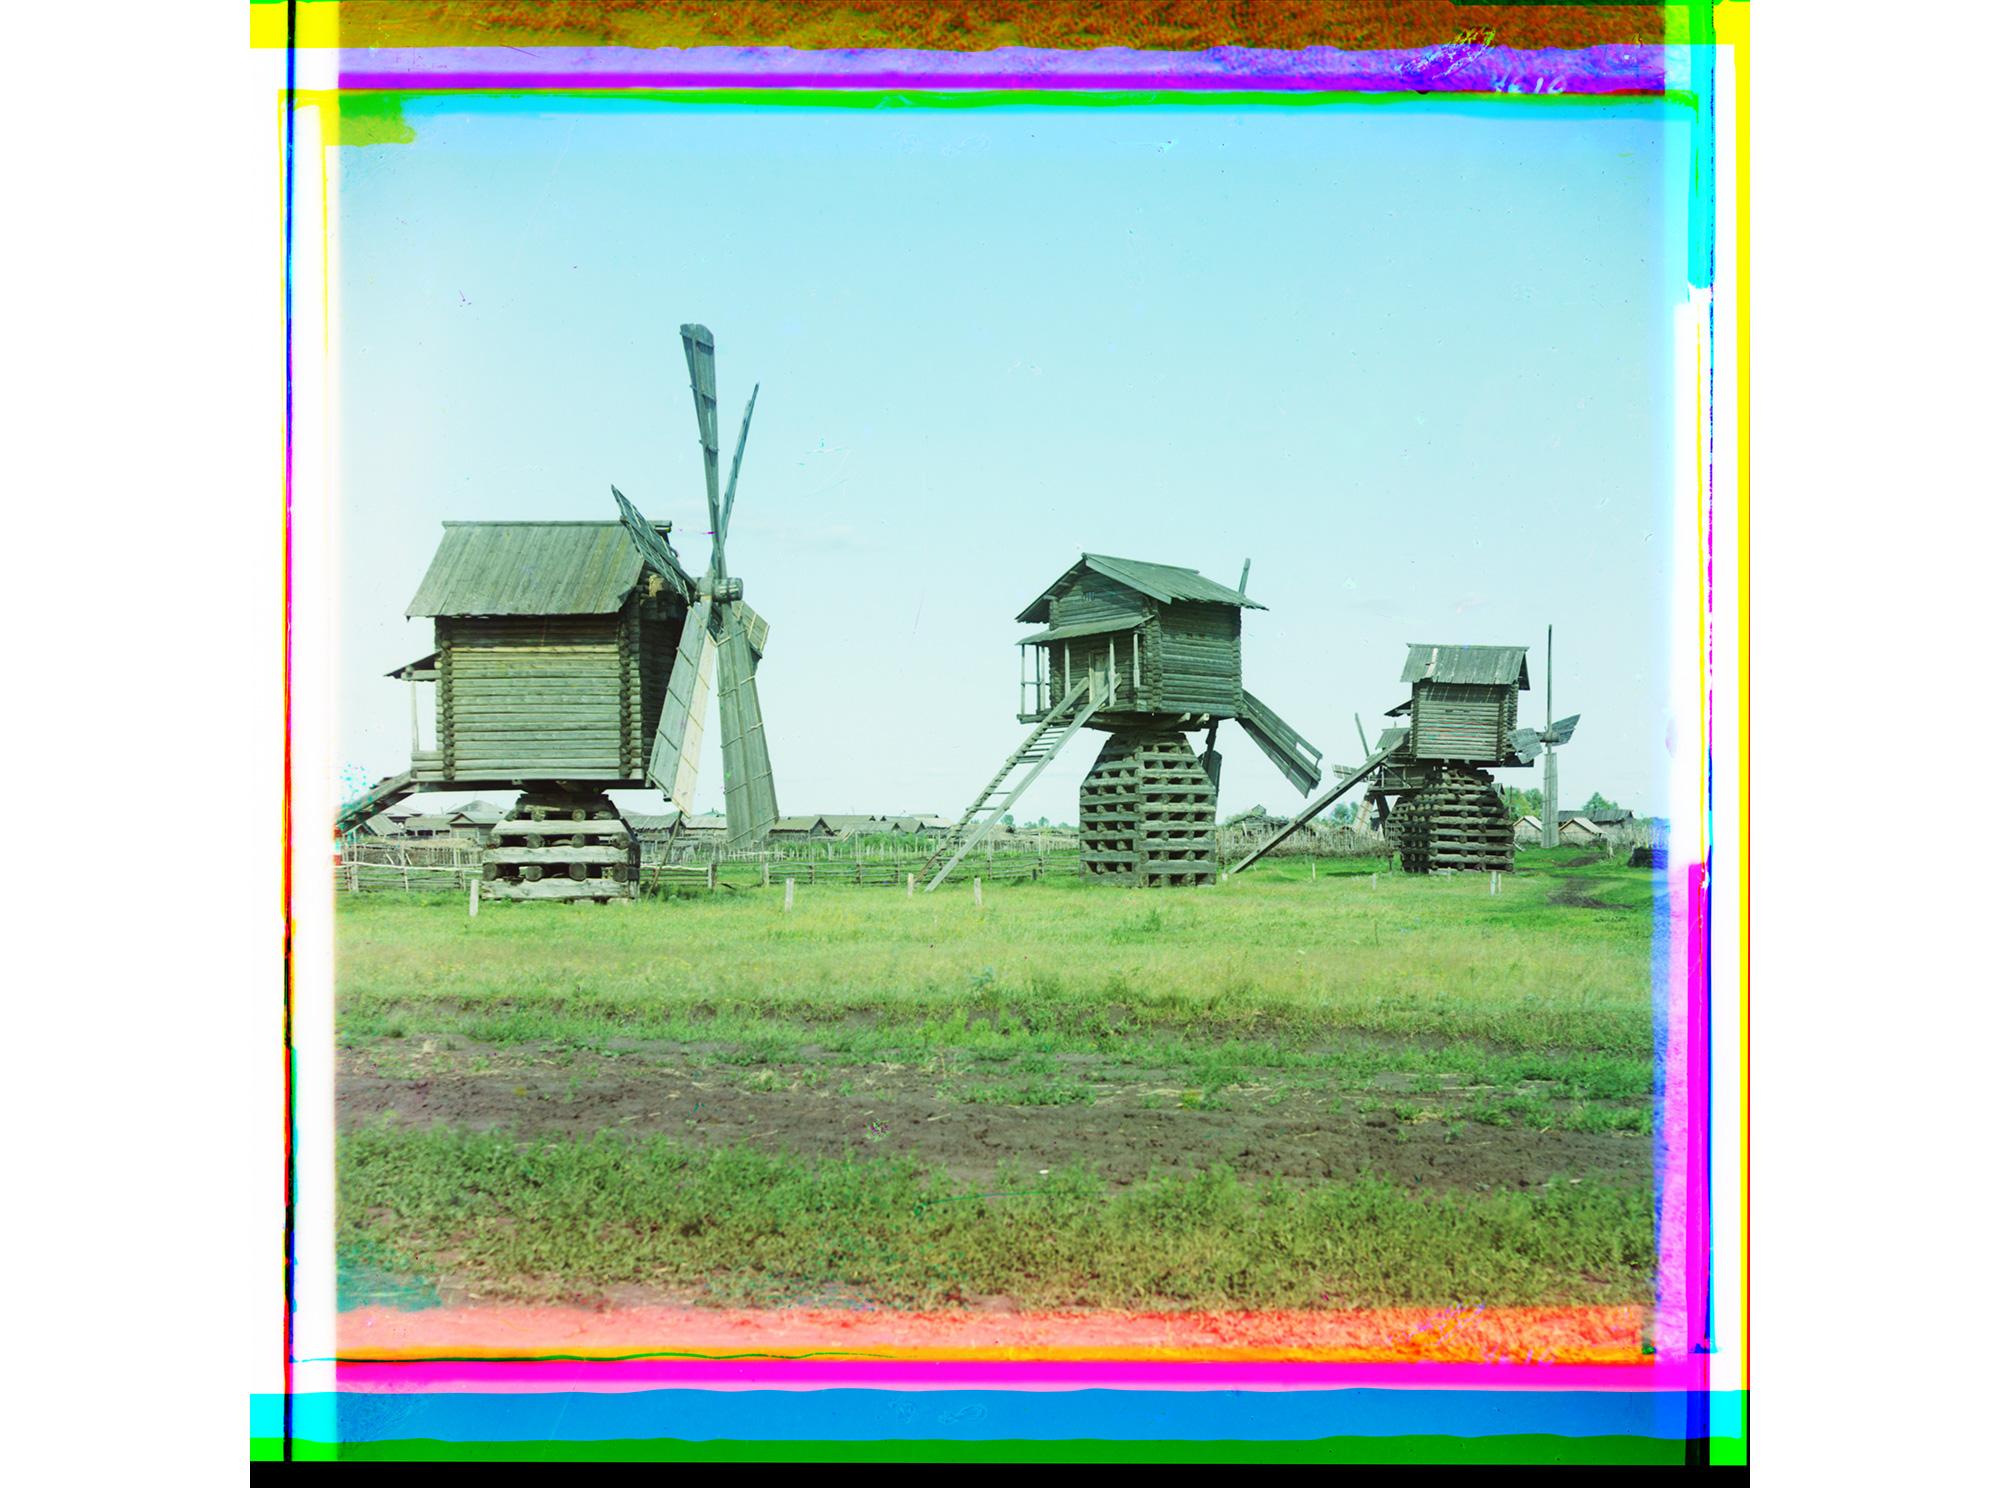 Mühlen im Bezirk Jalutorowsk im Gouvernement Tobolsk, 1912